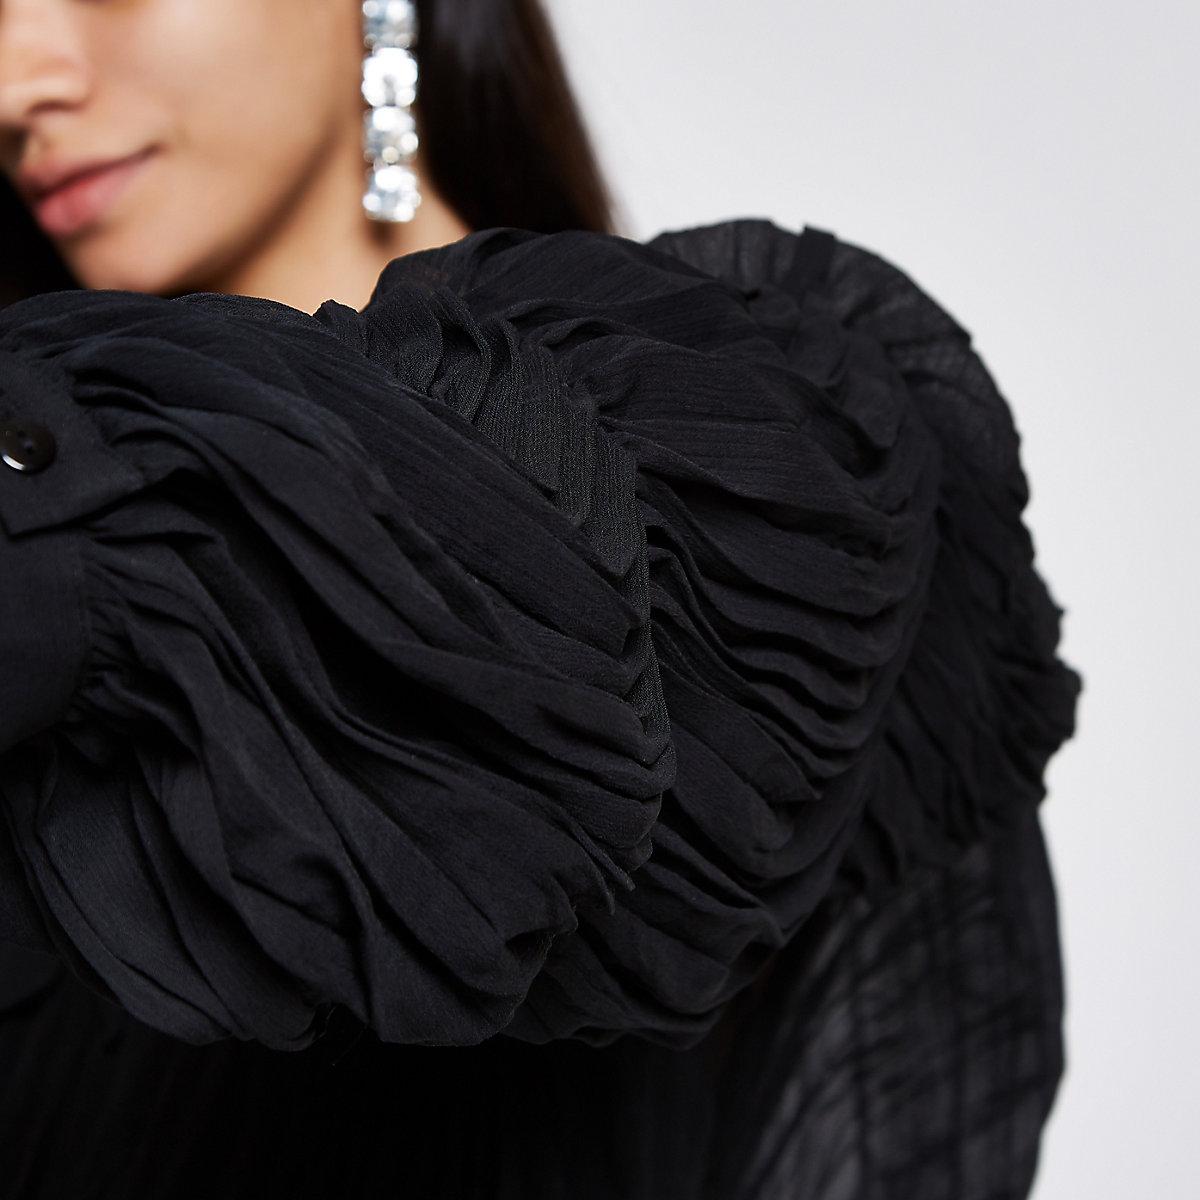 Black puff sleeve tie neck crop top - Crop Tops   Bralets - Tops - women 292e8b0b9